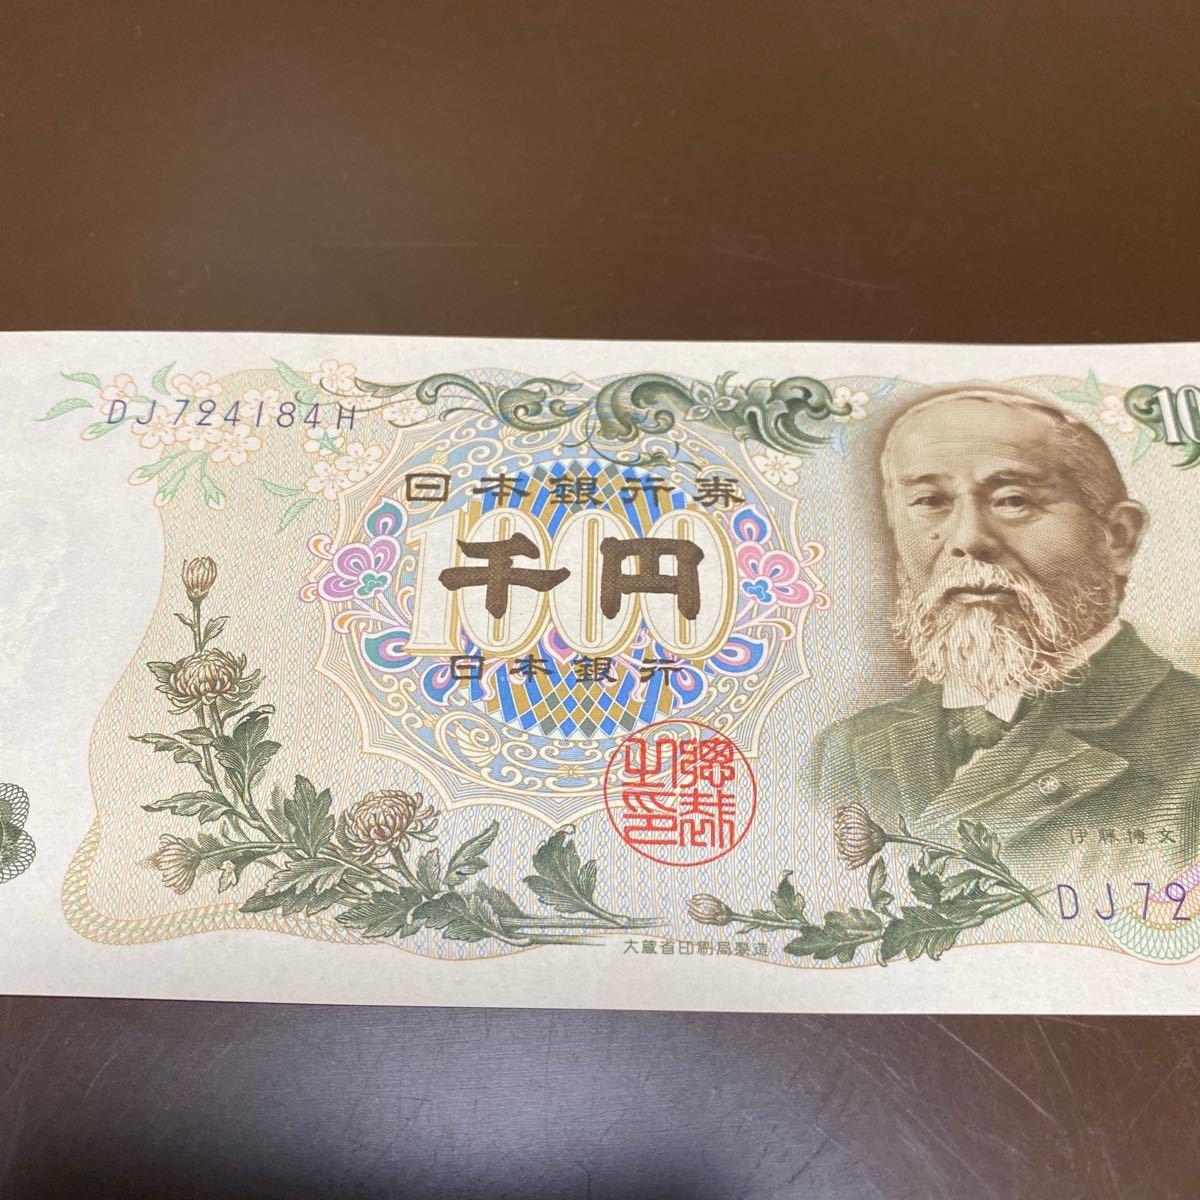 伊藤博文 1000円札 j_画像4